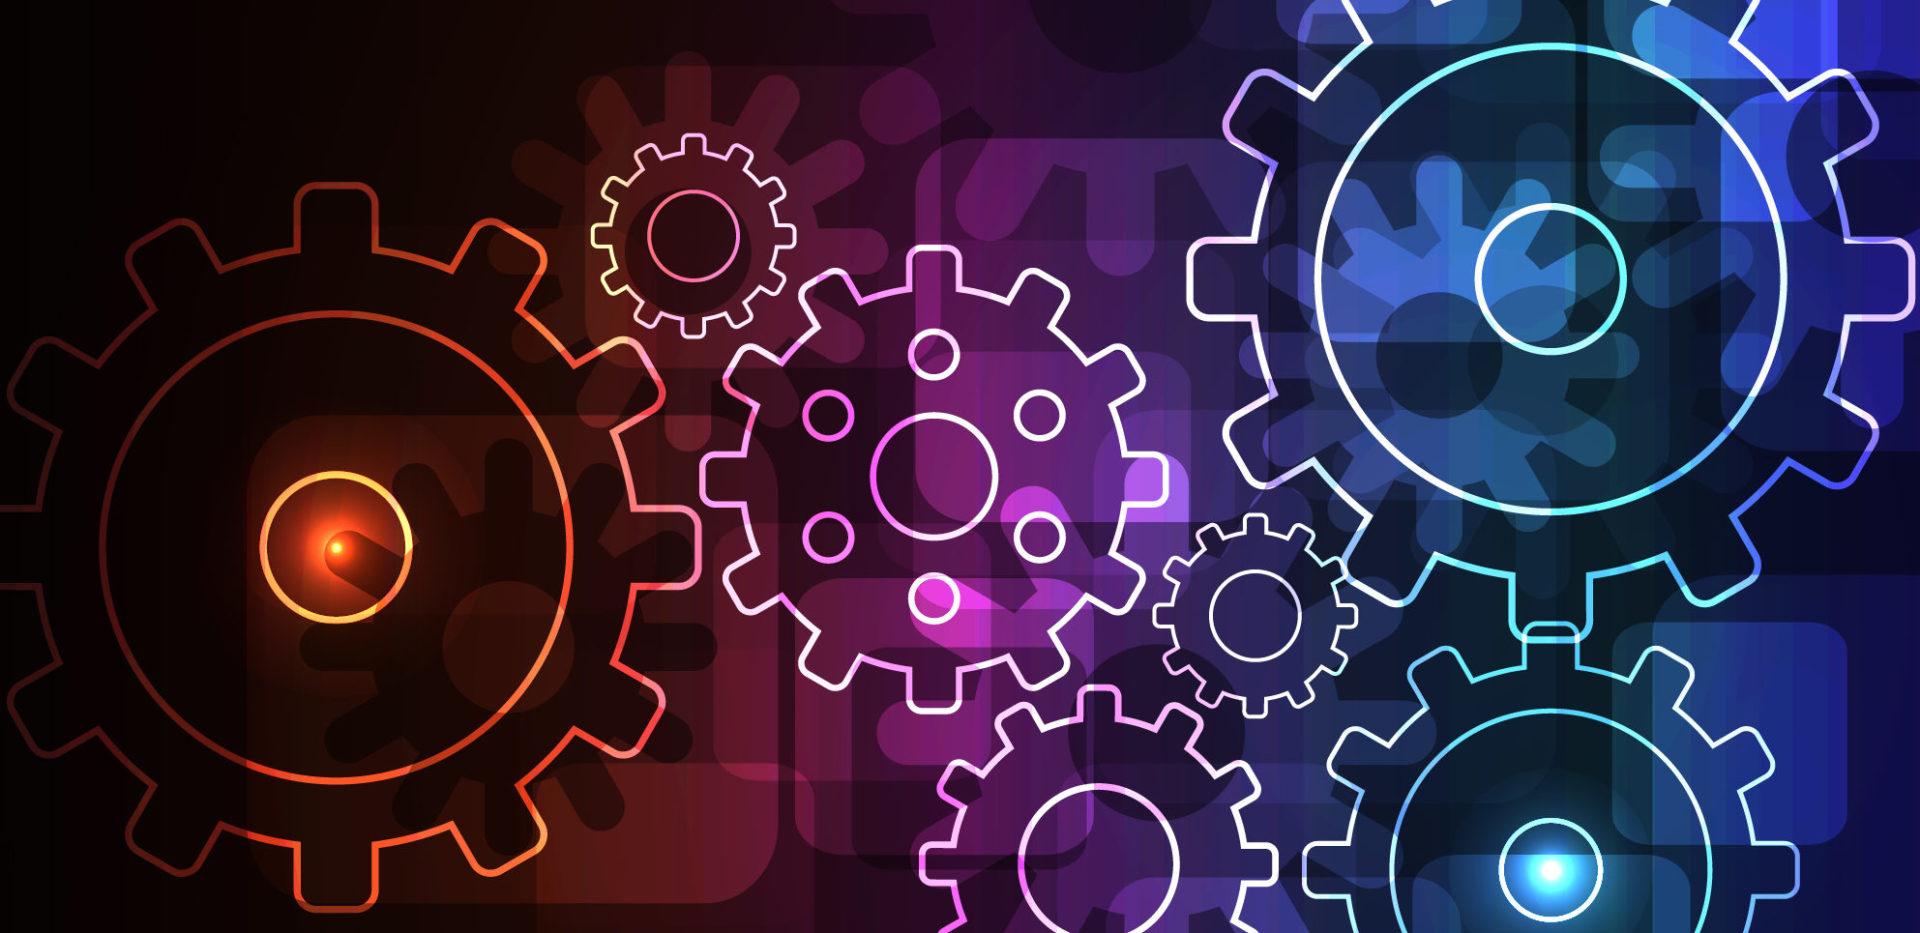 80% de empresas adelantan orocesos de transformacion digital